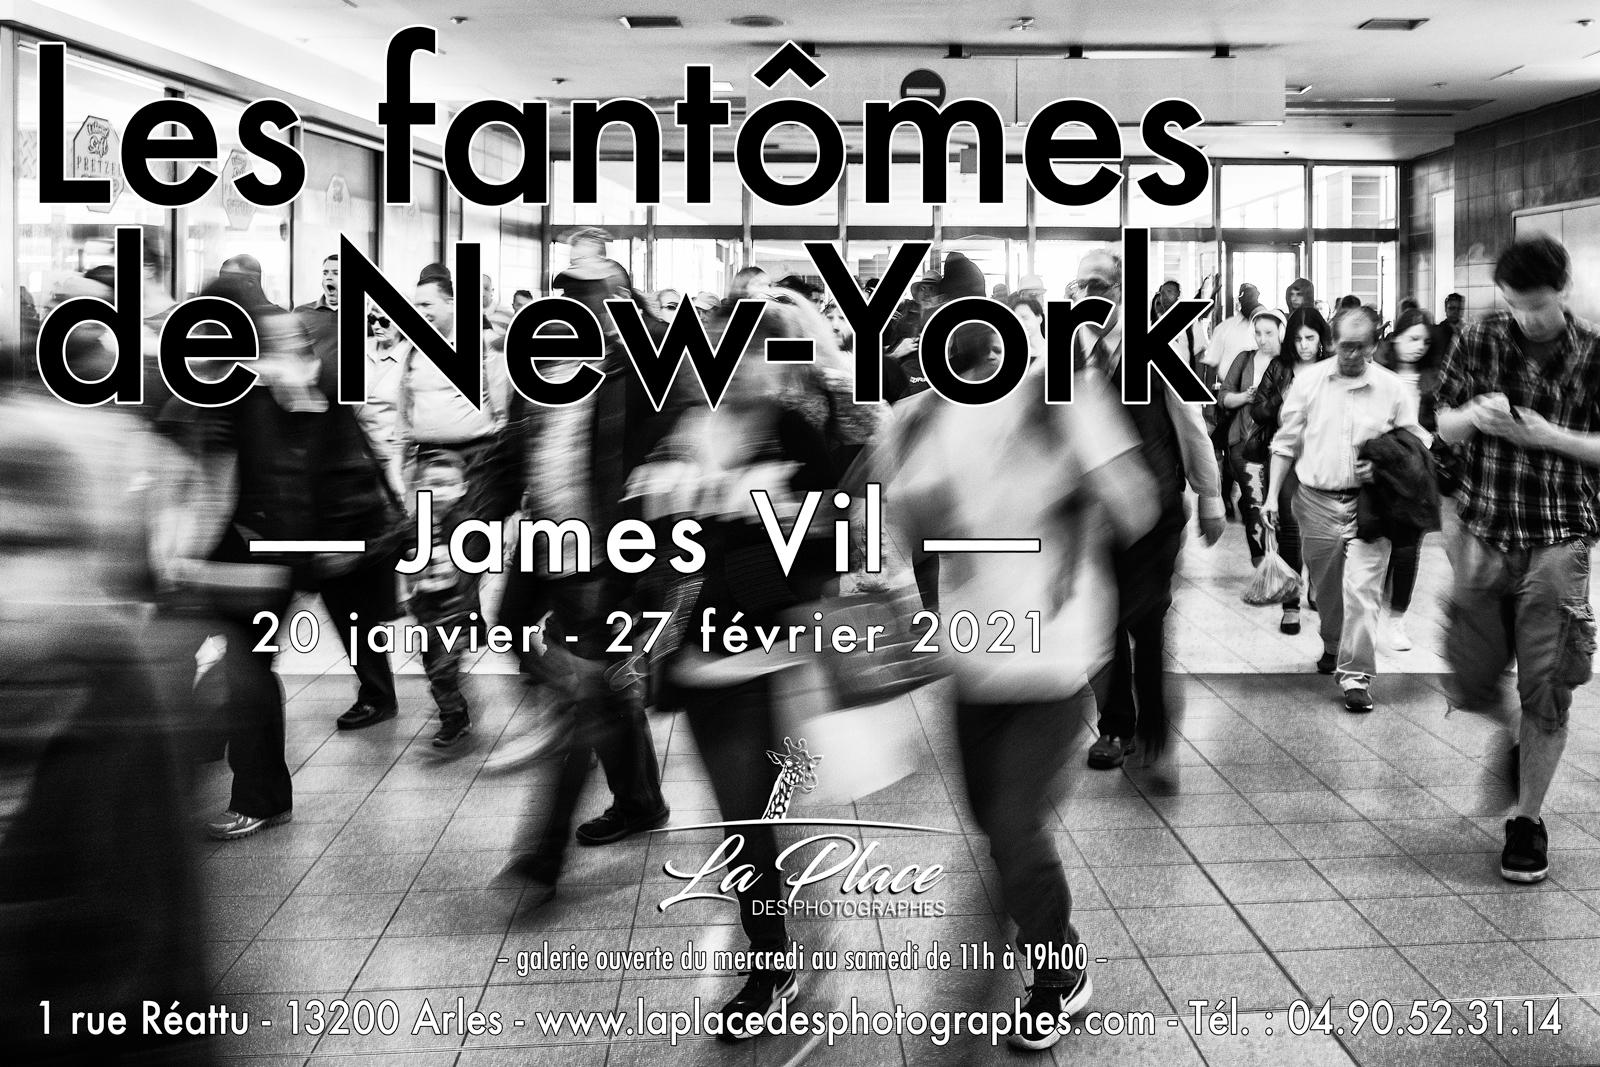 Les fantômes de New-York  Ils arrivent le 20 janvier à La Place des photographes et s'installent jusqu'au 27 février 2021 au 1 bis rue Réattu à Arles.